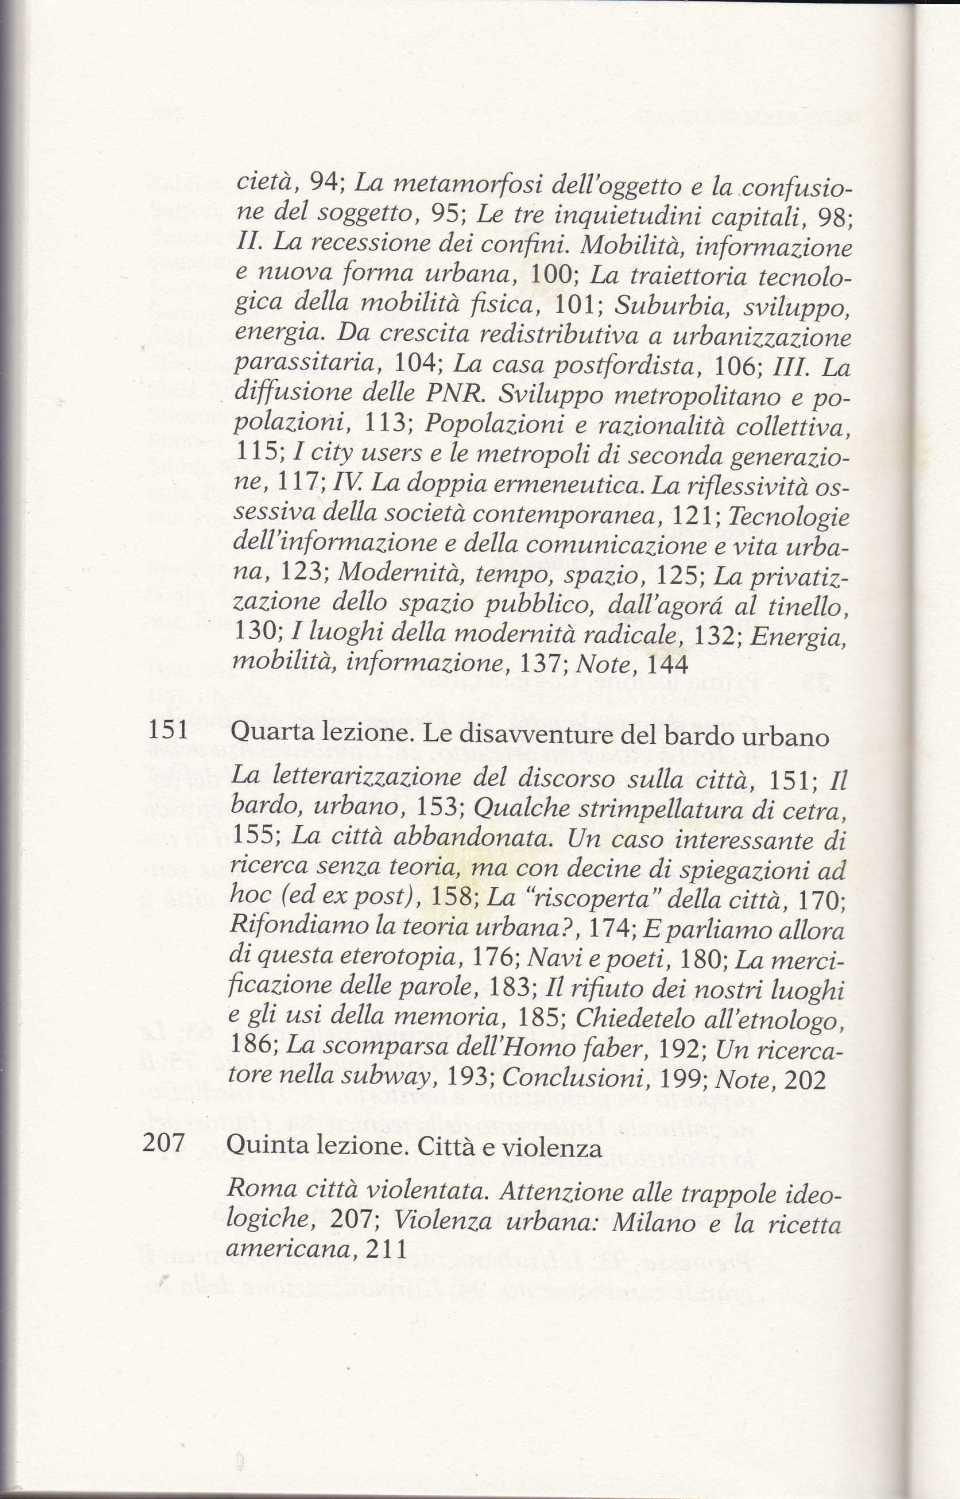 martinotti1435